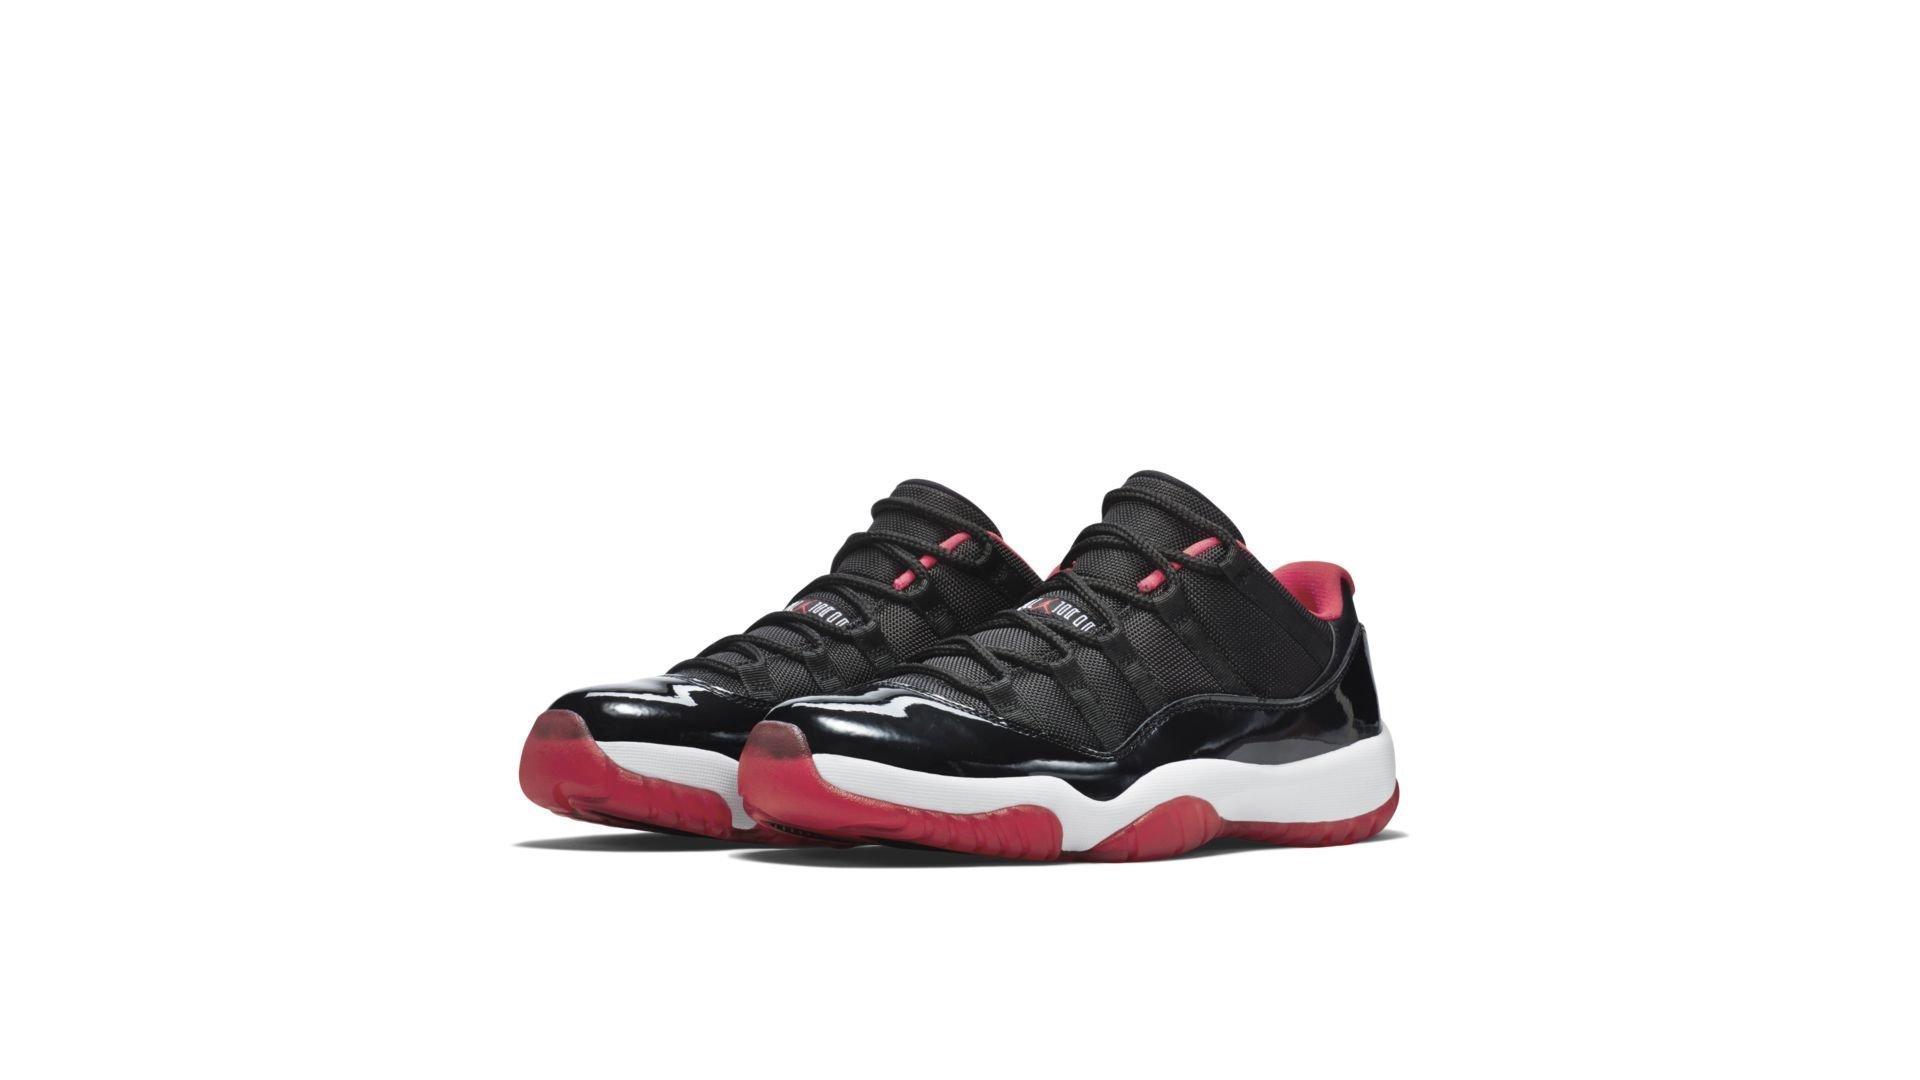 Jordan 11 Retro Low Bred (528895-012)